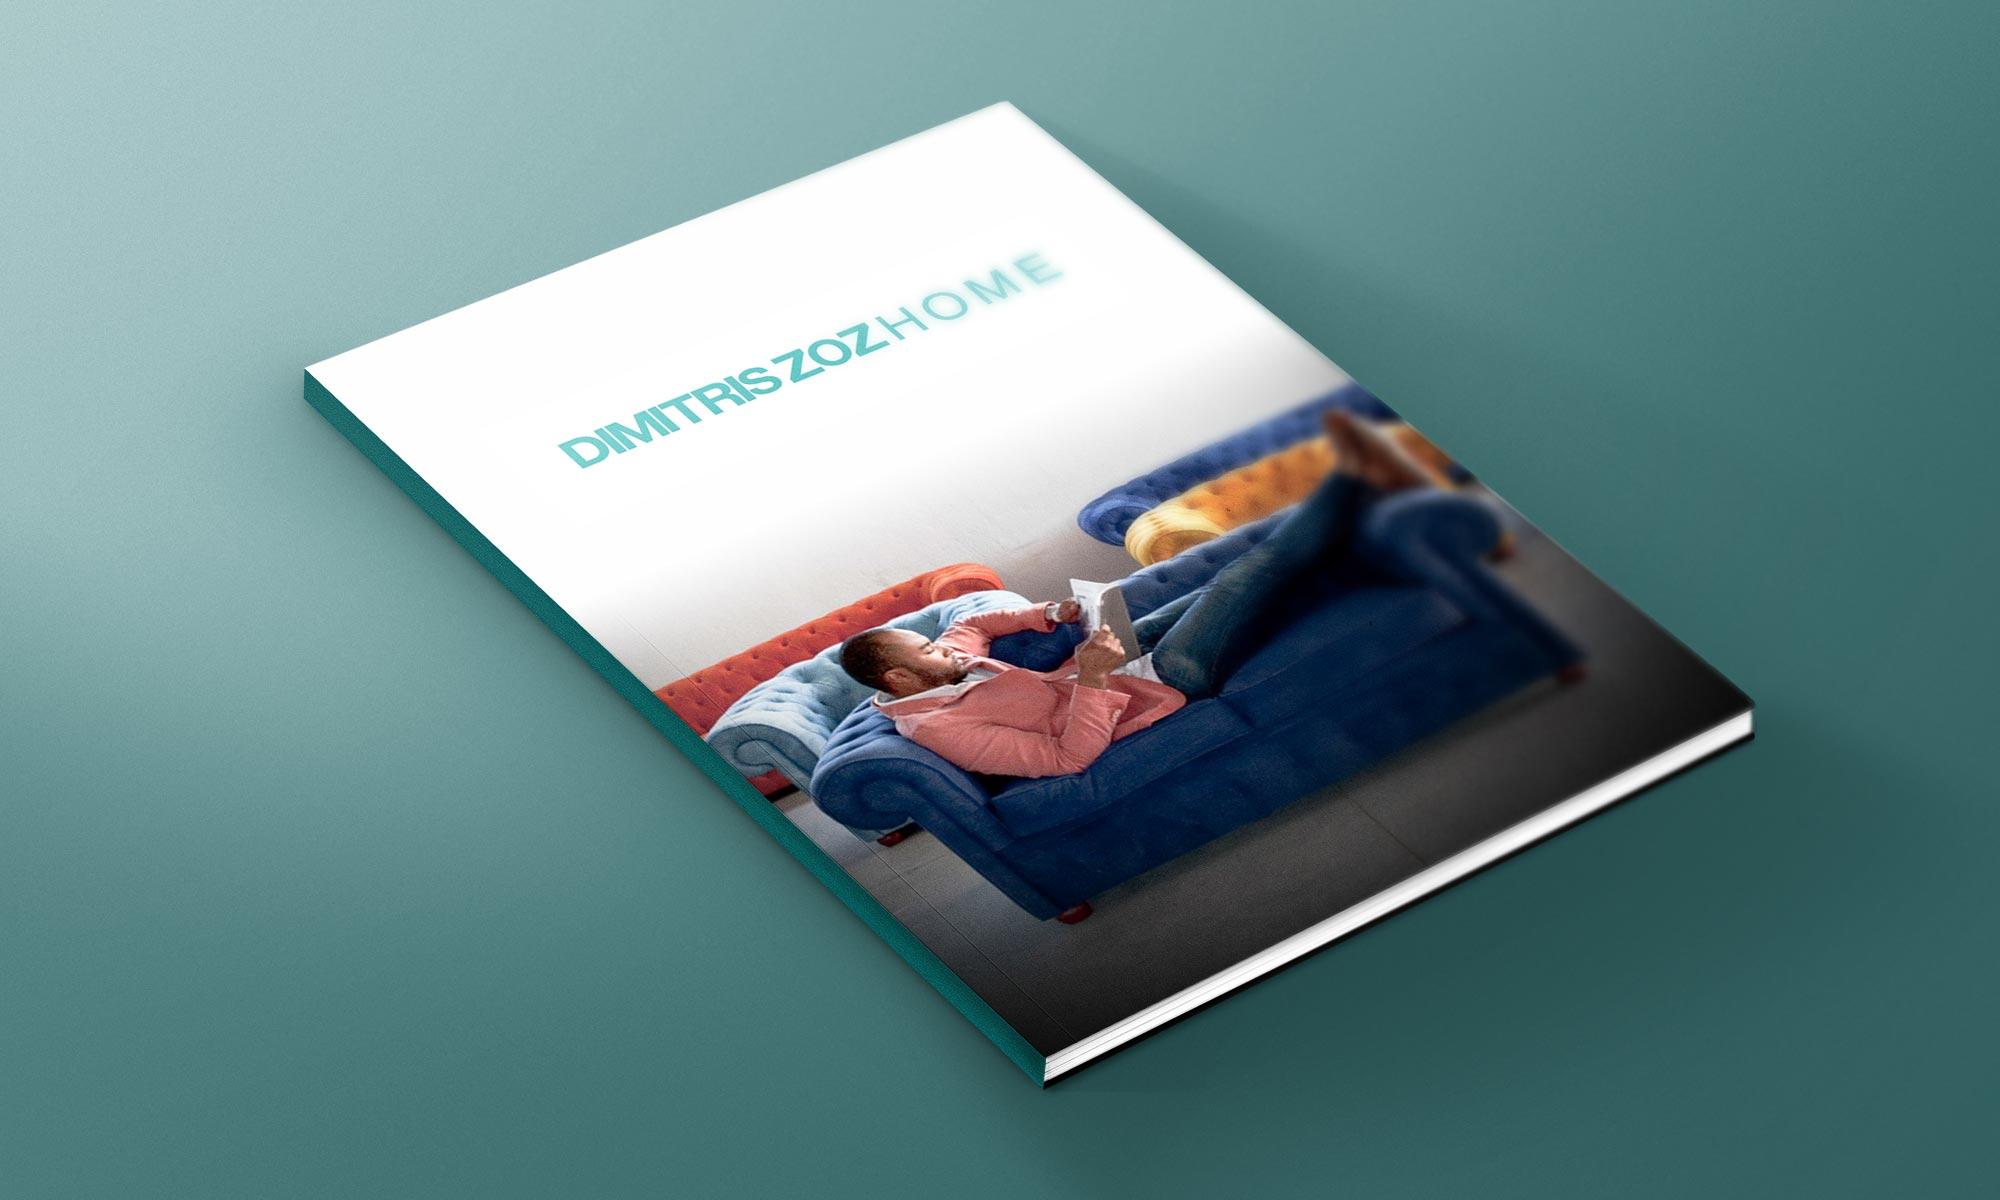 https://www.atelierzoz.com/wp-content/uploads/2020/03/works_dimitris-zoz-home-4.jpg